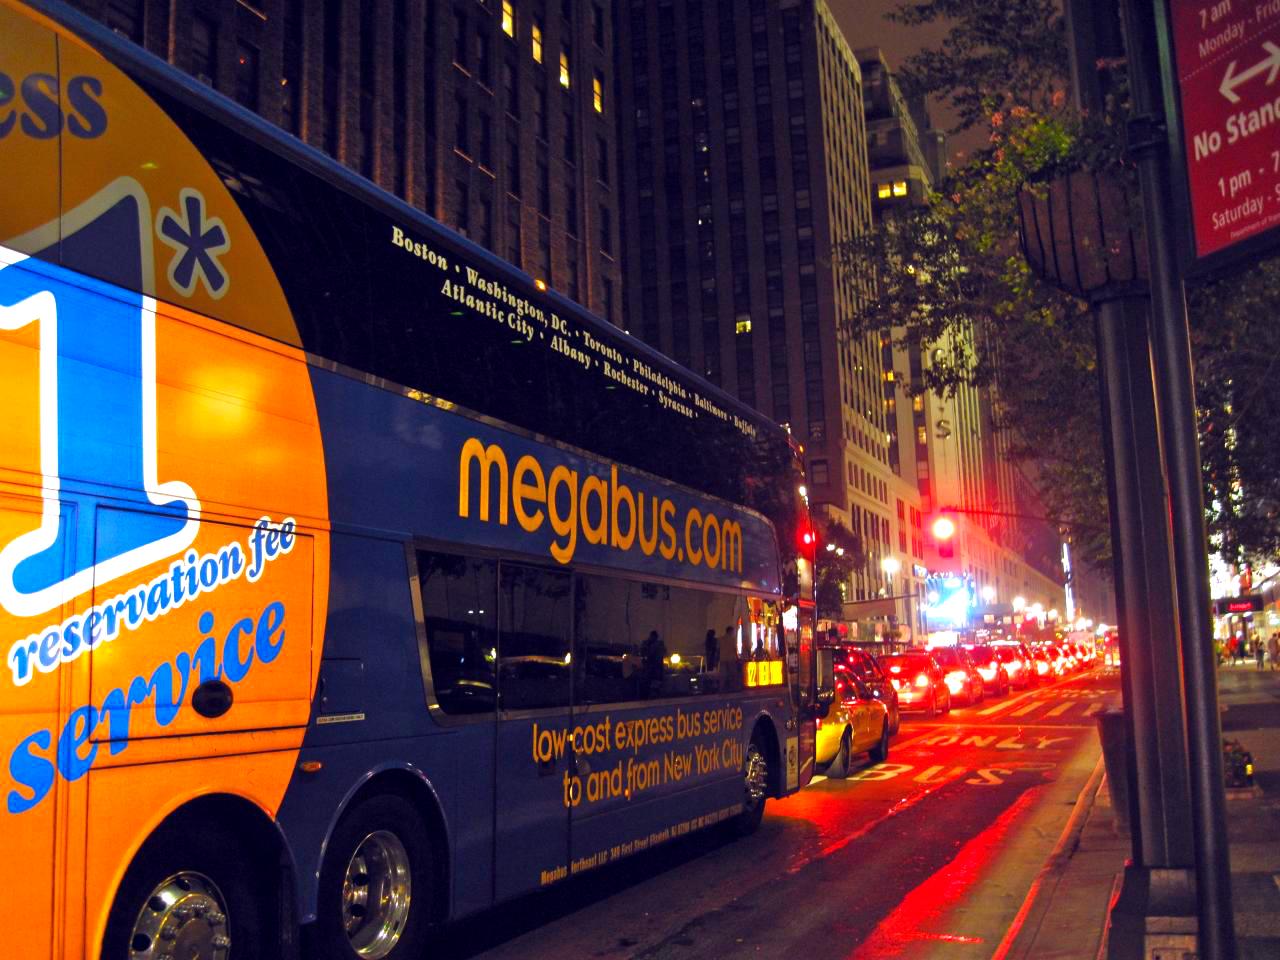 Megabus in Manhattan